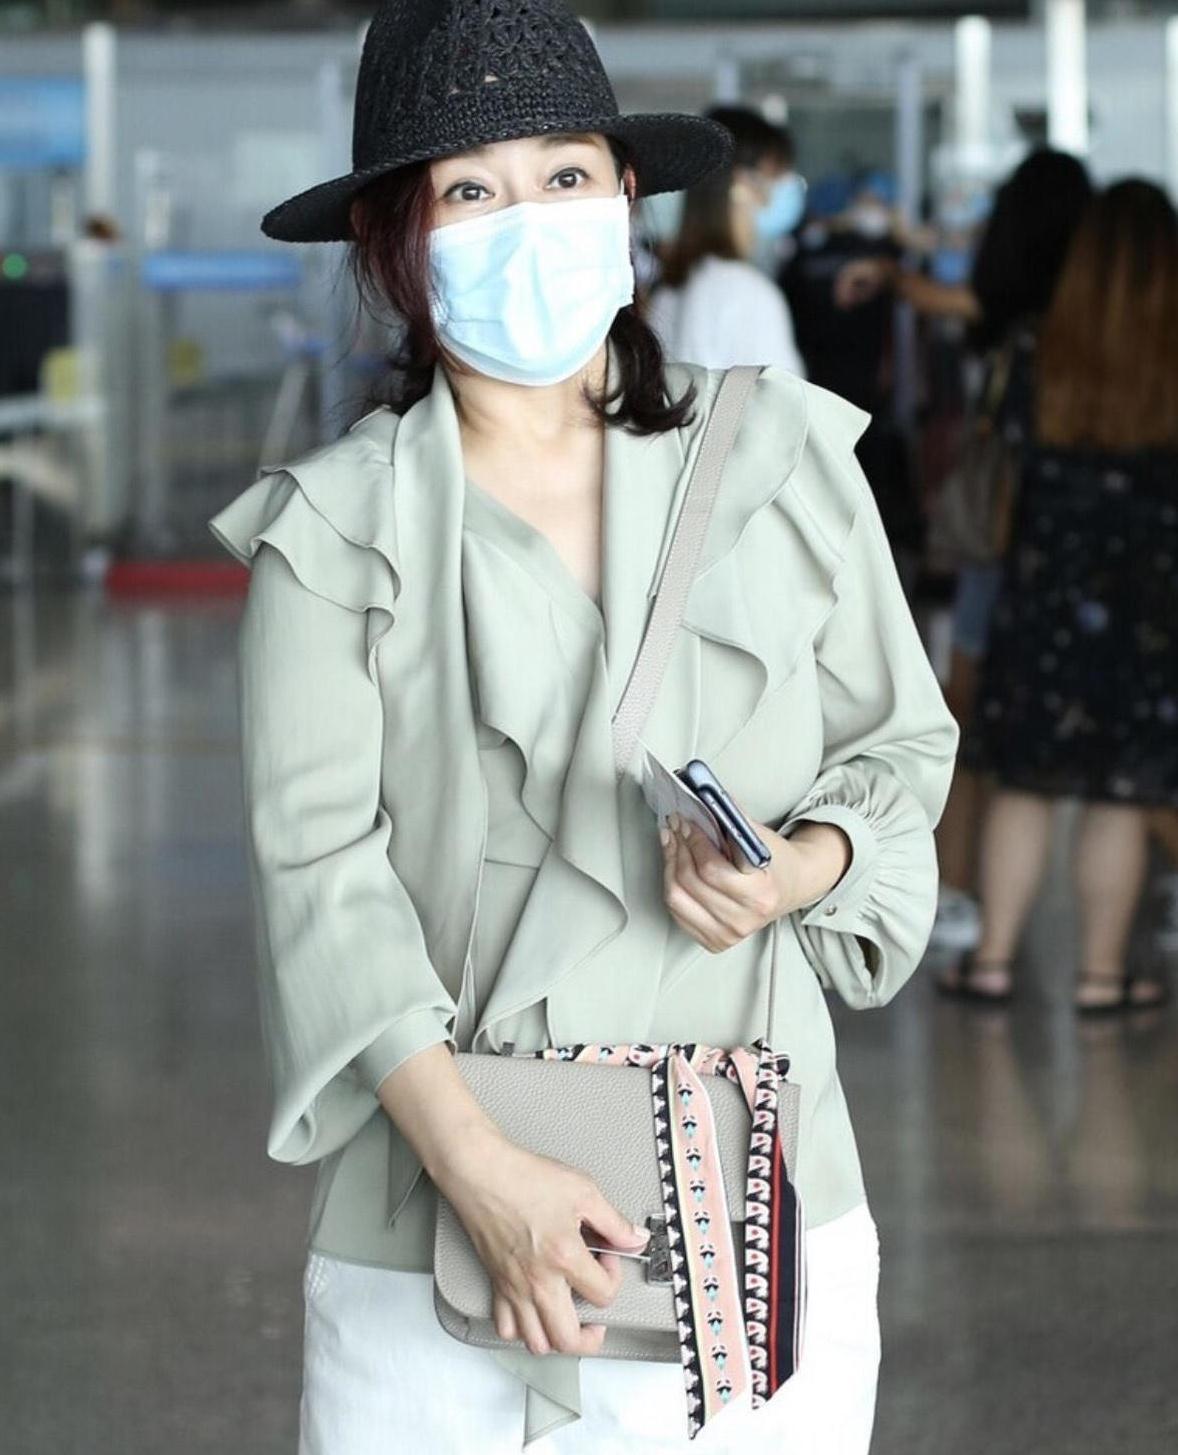 陈松伶美出新高度,穿卡其色衬衫配半身裙走机场,身材圆润更韵味